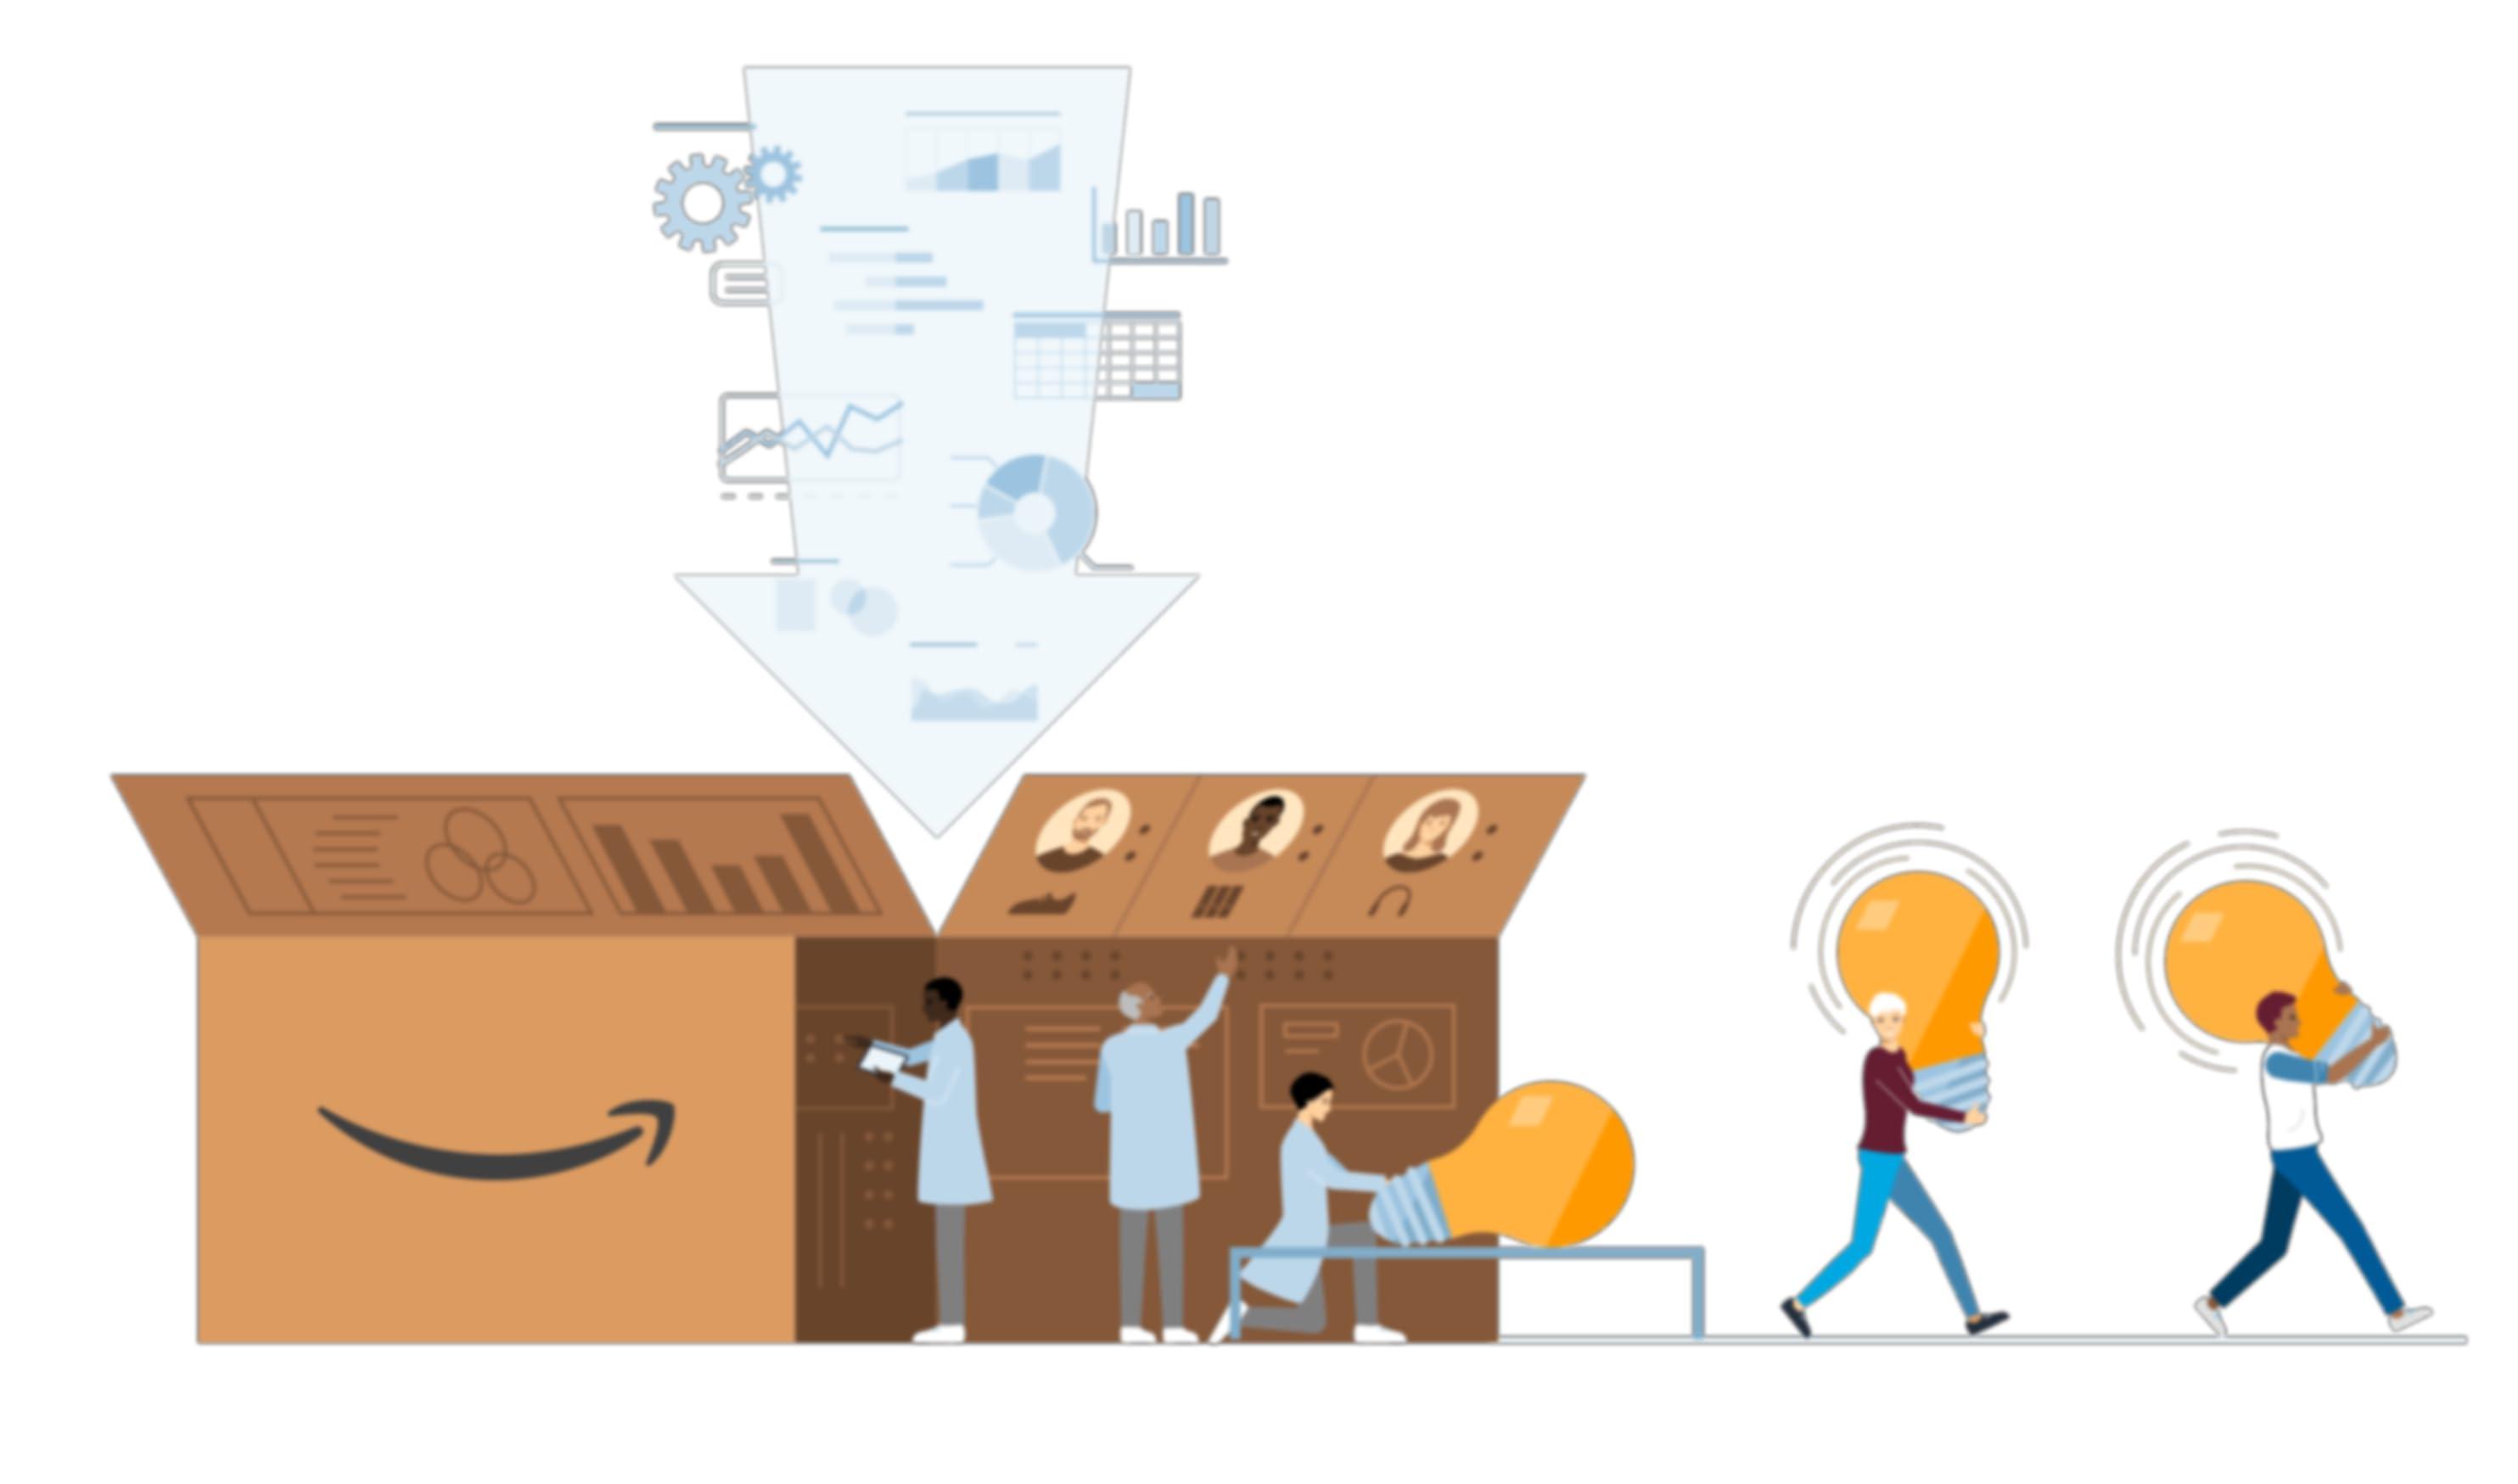 插图:工人从包装箱里取出灯泡